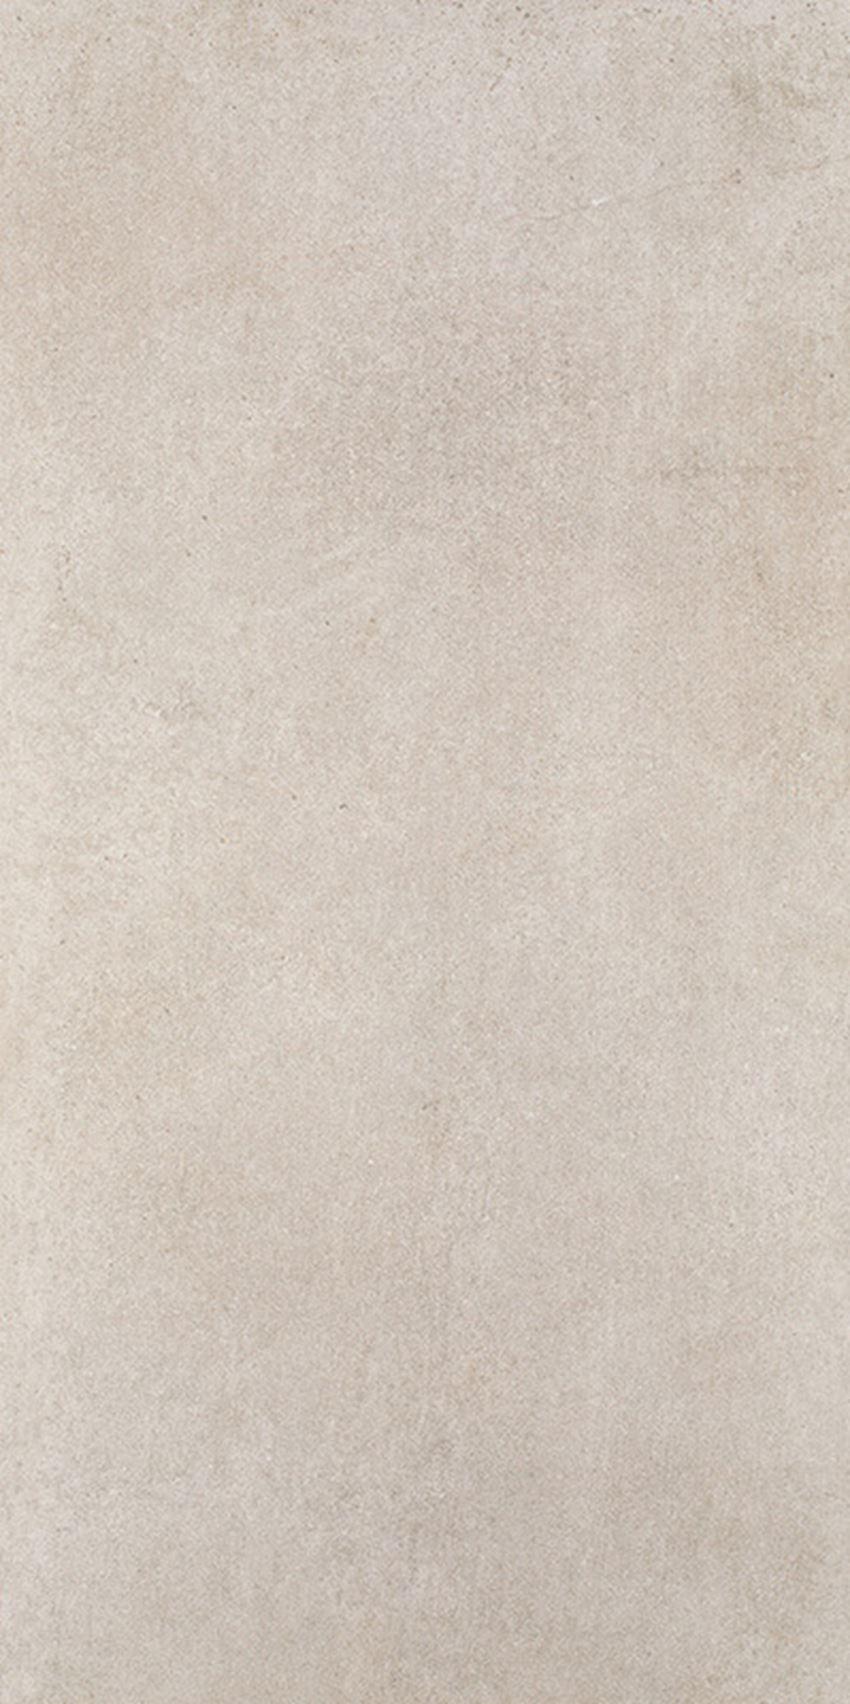 Płytka ścienno-podłogowa 59,8x119,8 cm Paradyż Riversand Beige Gres Szkl. Rekt. Mat.